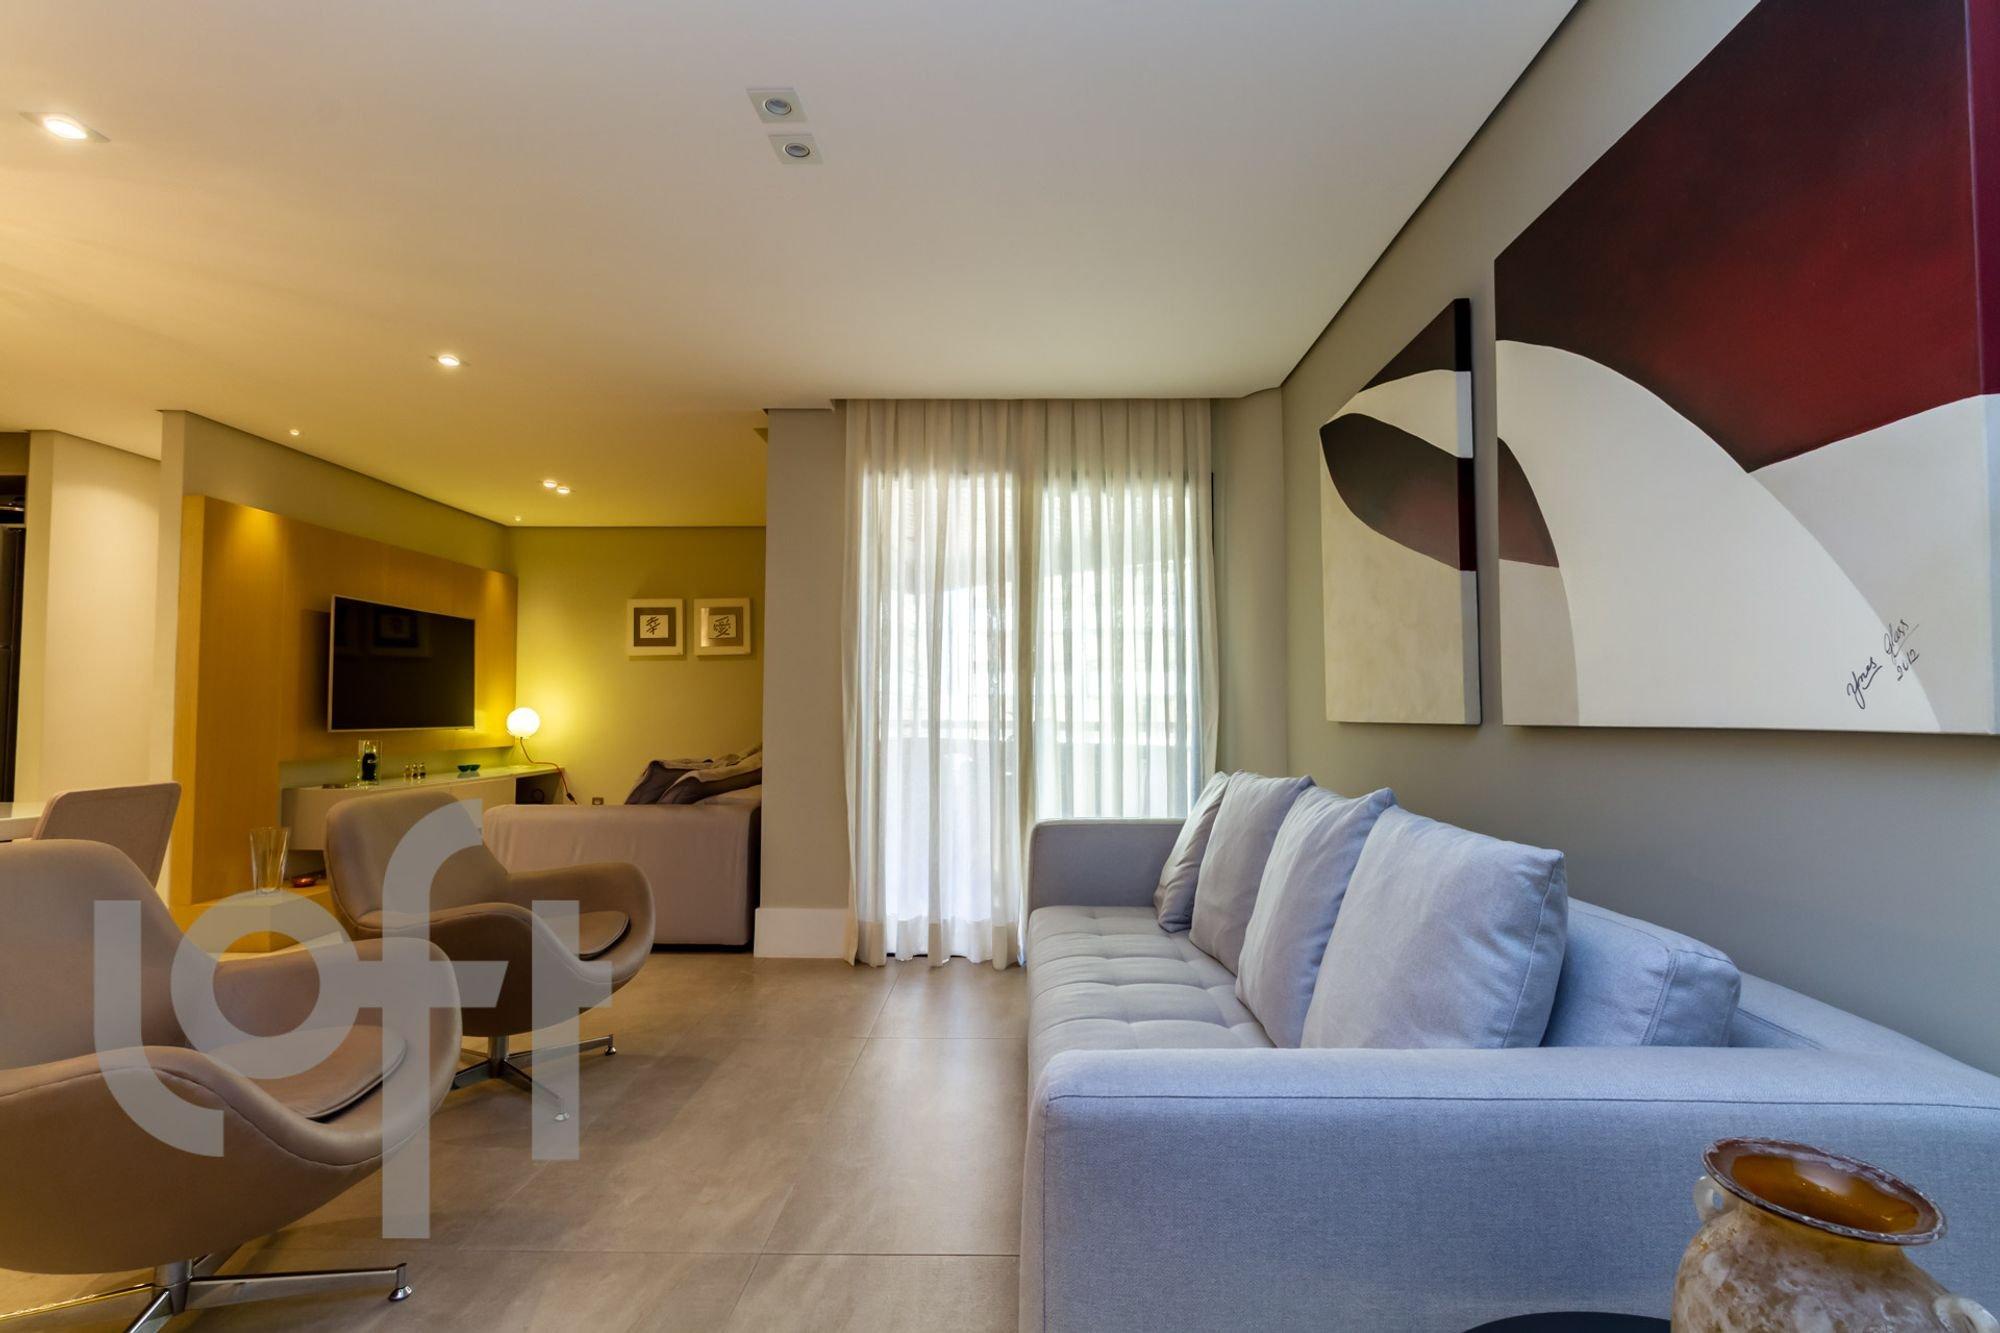 Foto de Sala com cama, sofá, televisão, cadeira